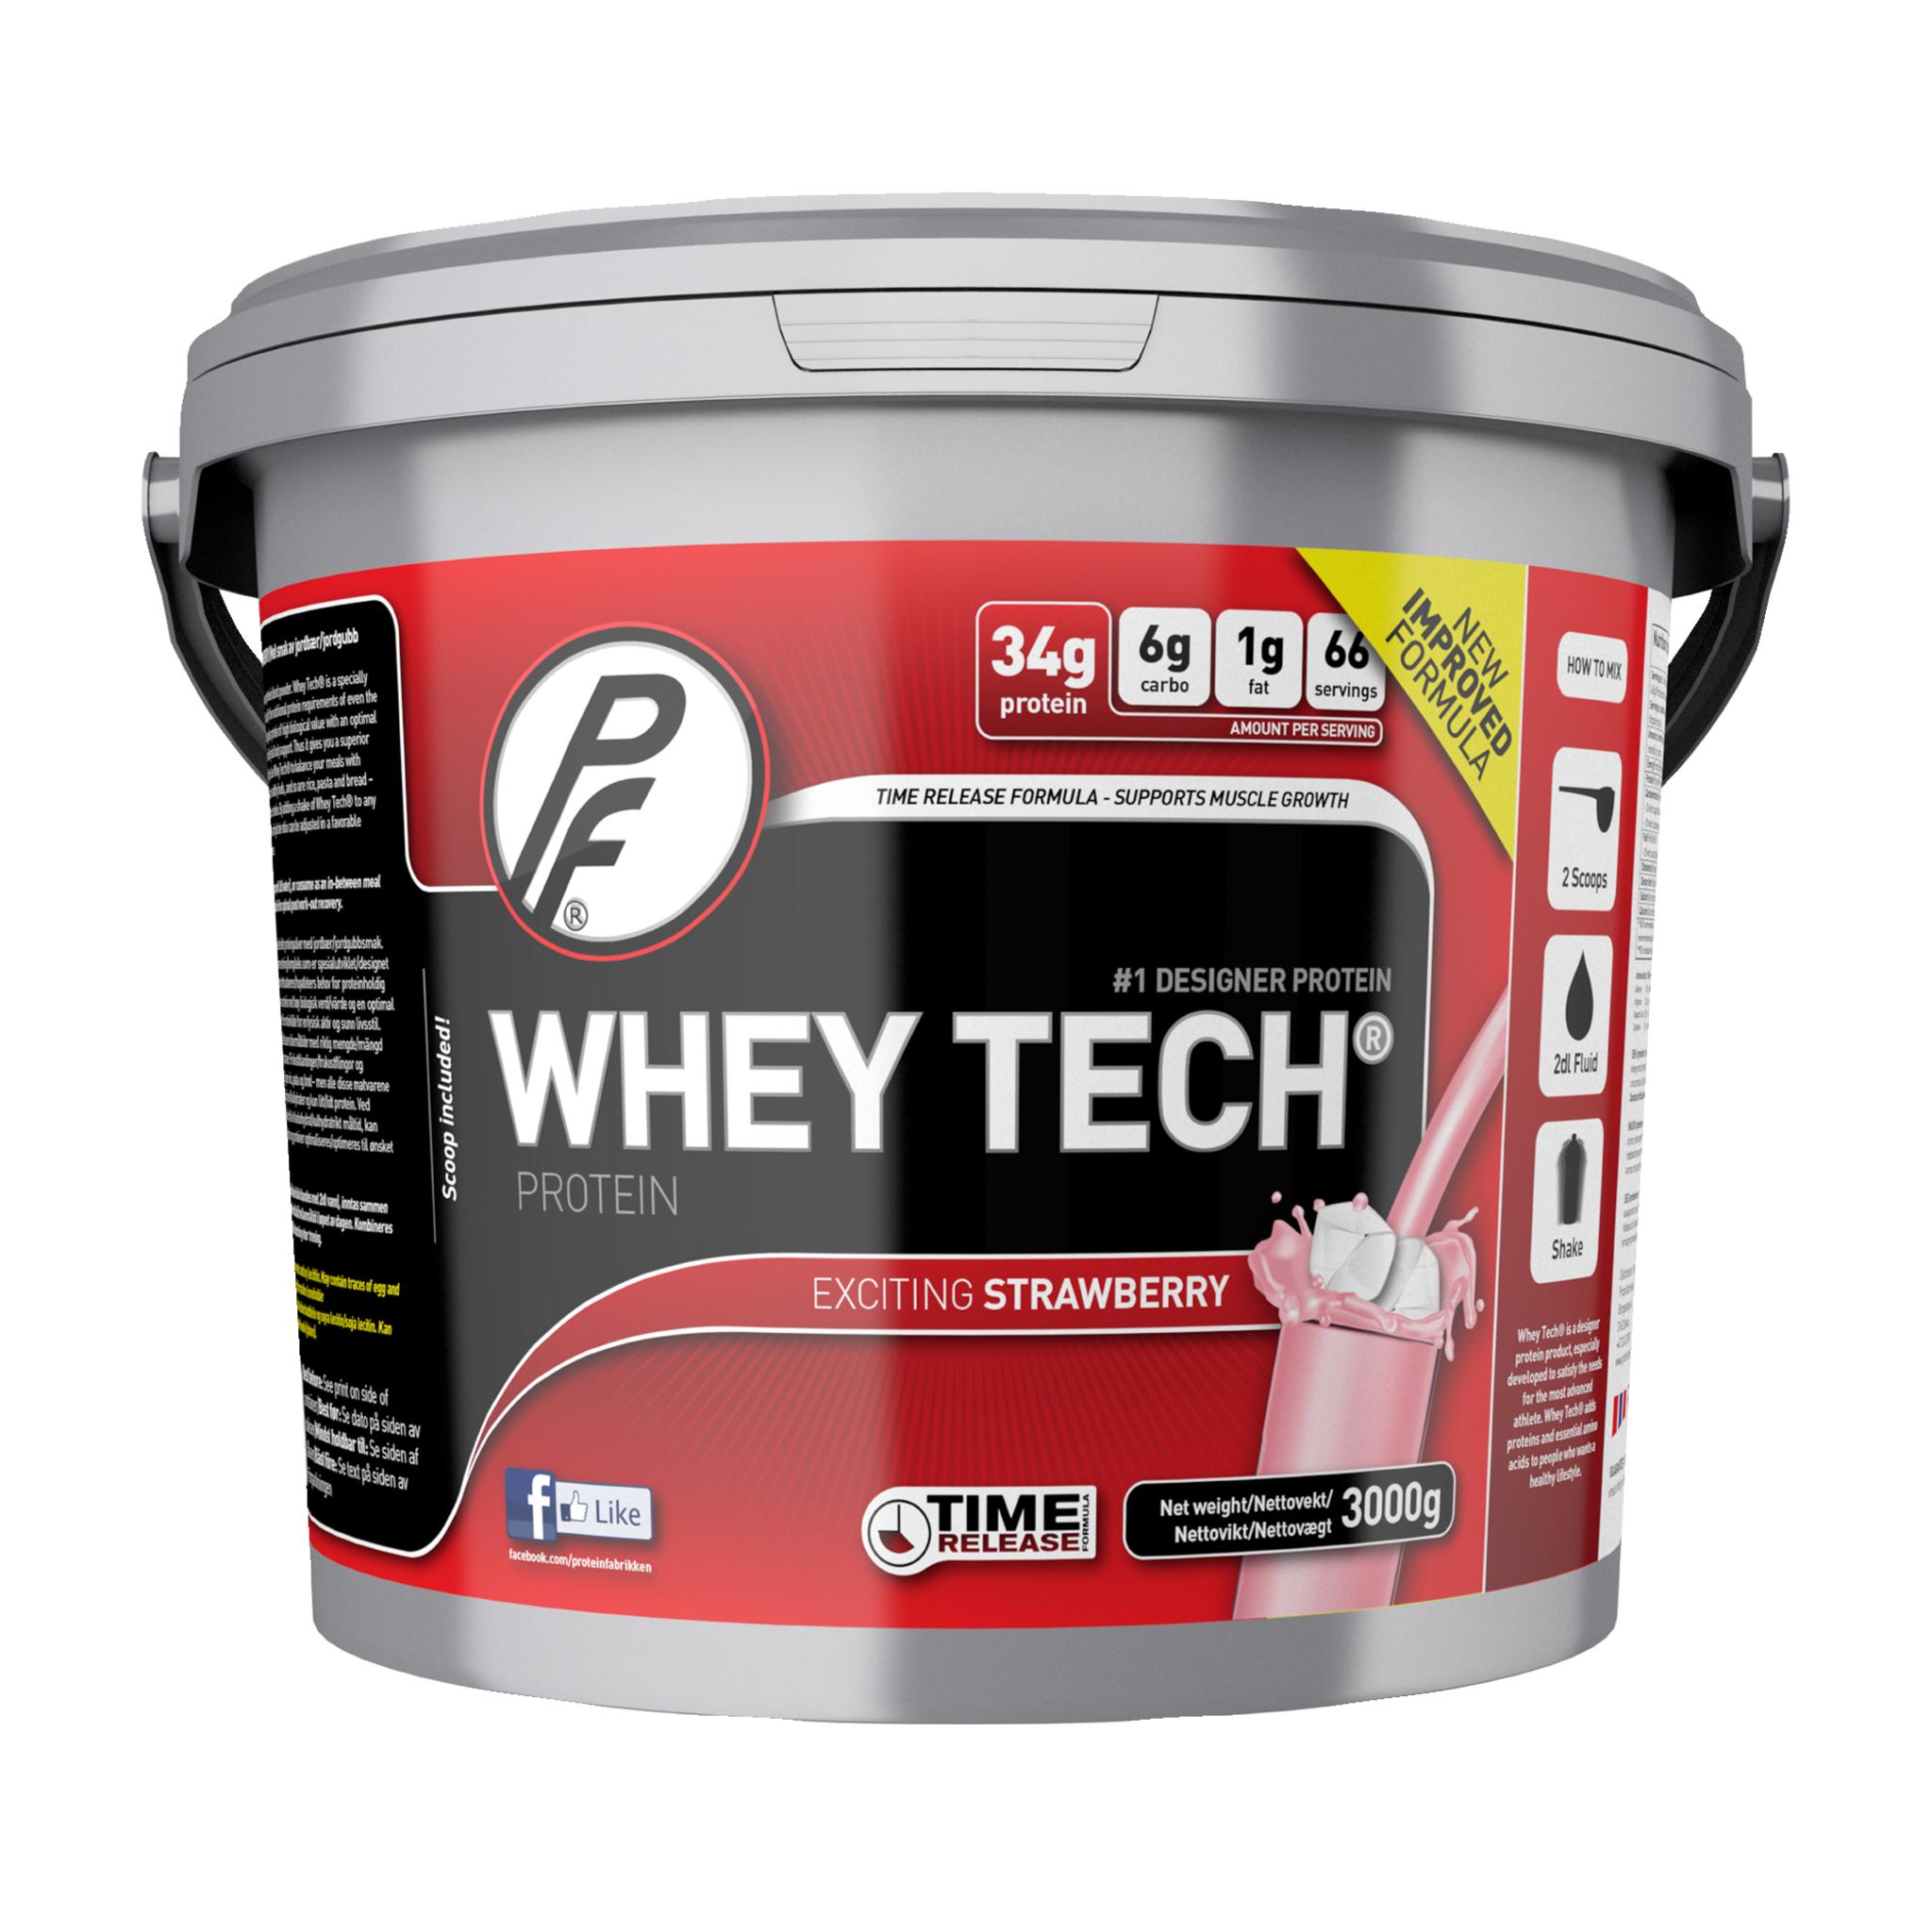 Proteinfabrikken Whey Tech 3 kg, protein